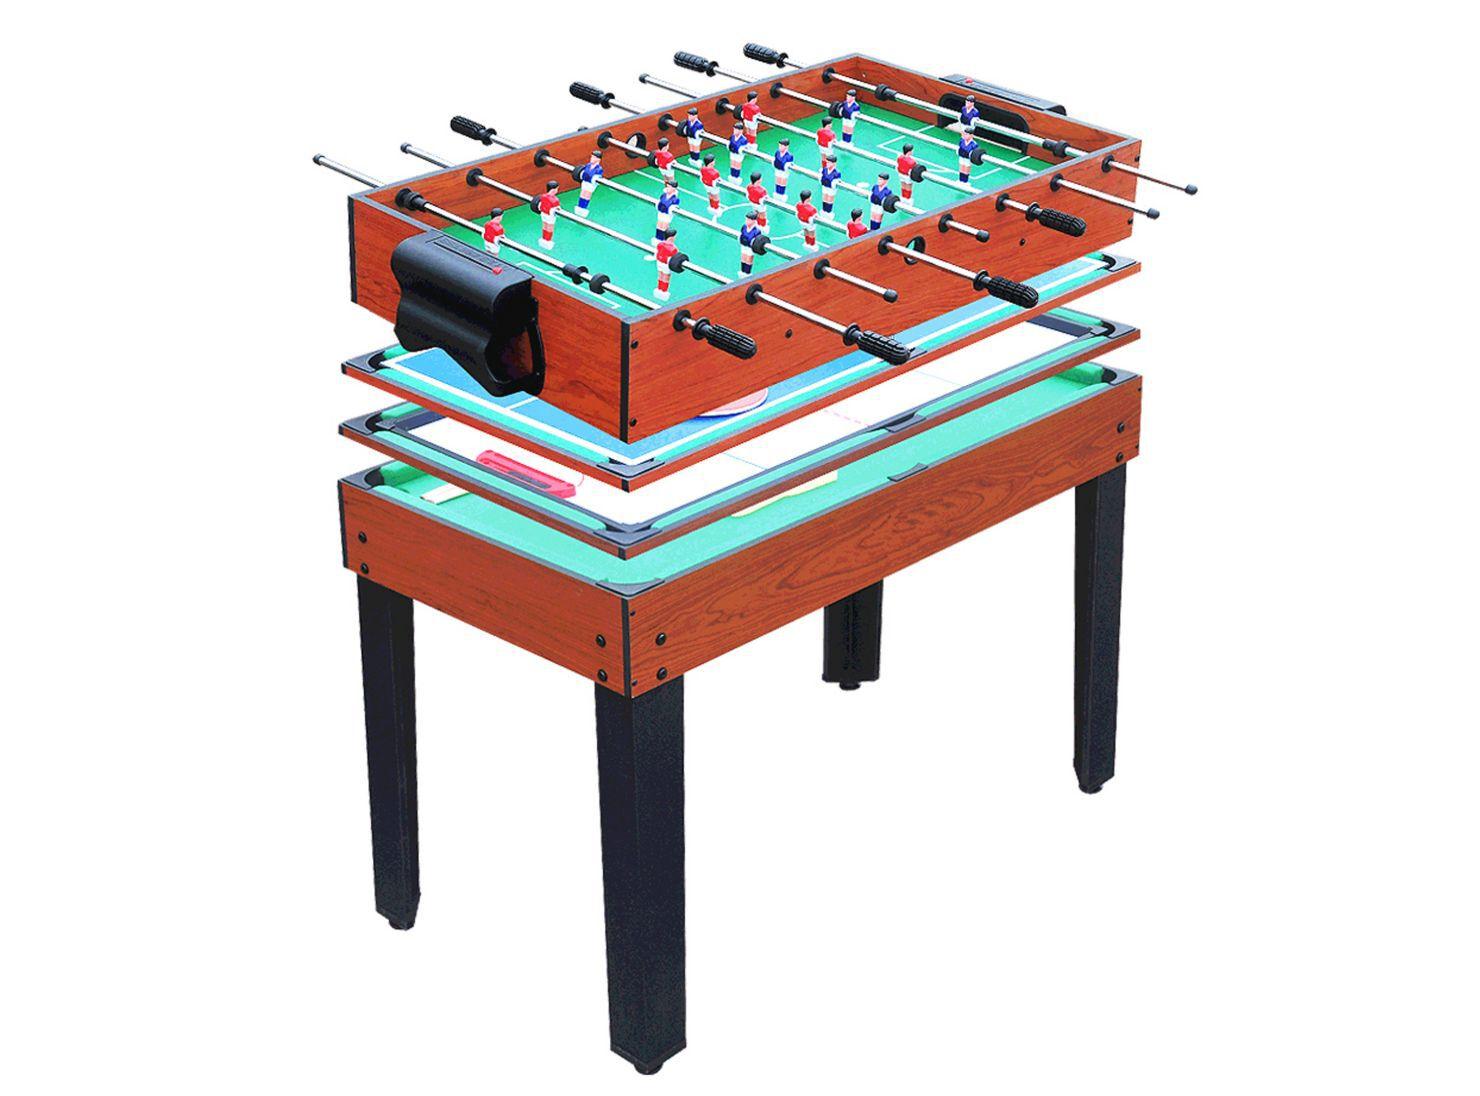 Mesa de juegos 4 en 1 Kidscool en Ping Pong y Mesas de Pool